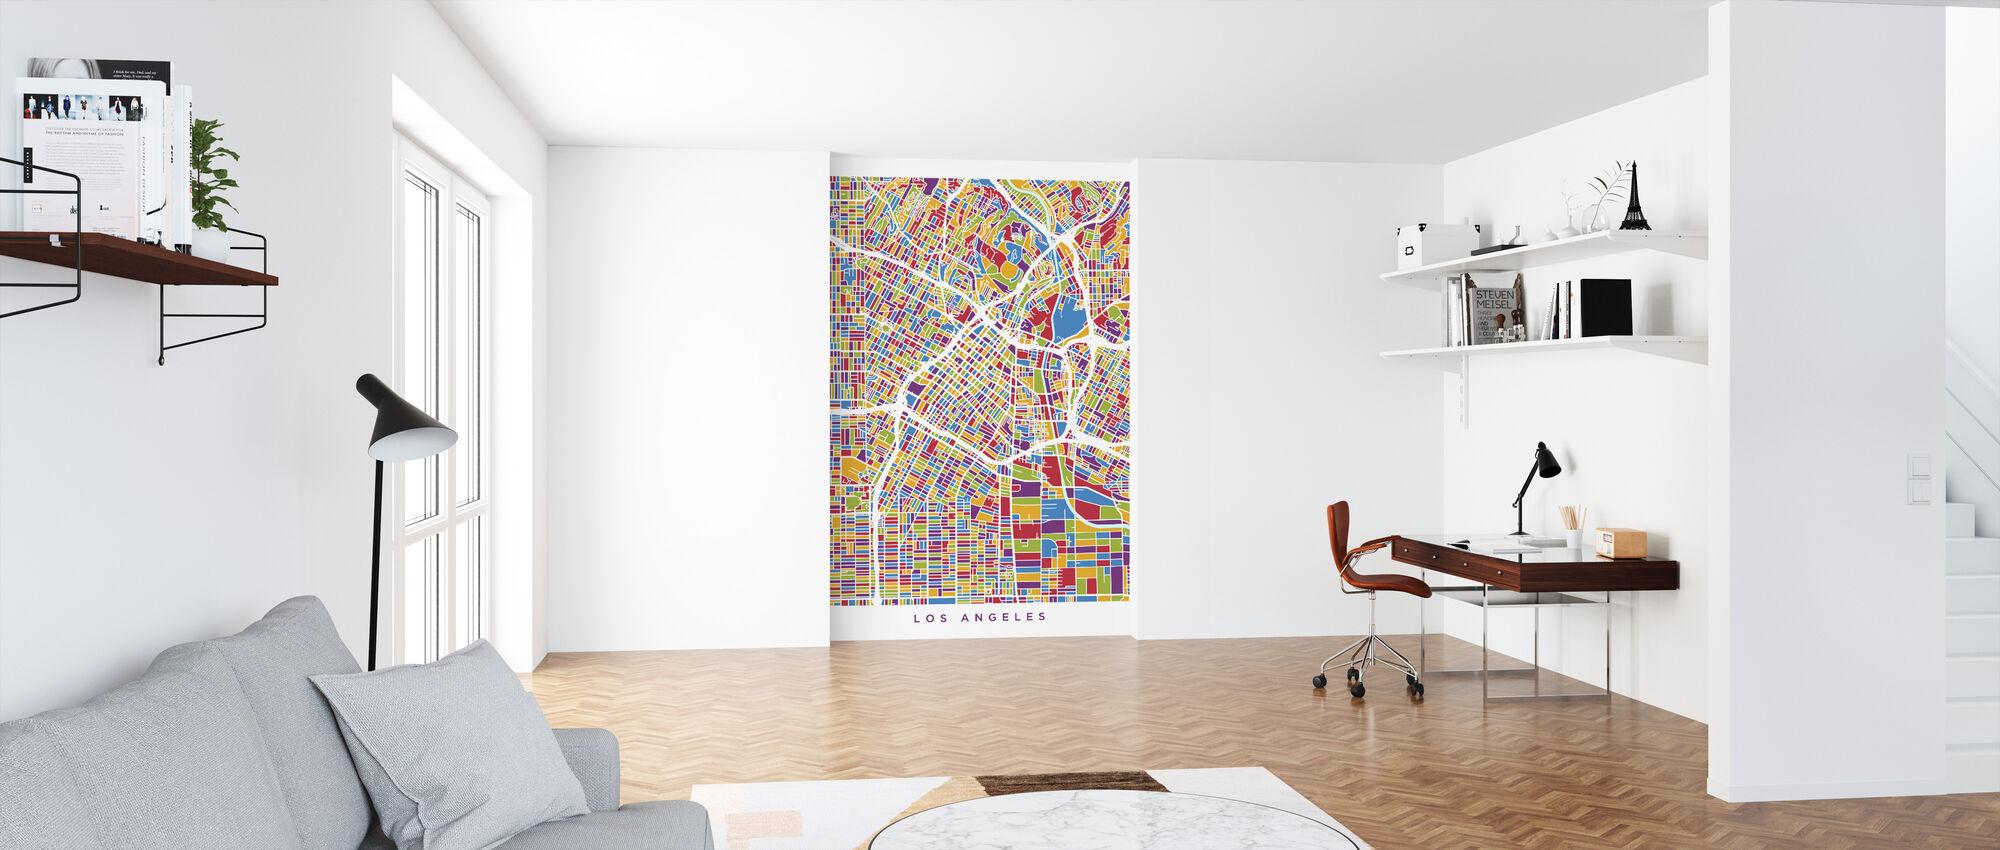 Los Angeles City Street Kaart - Behang - Kantoor